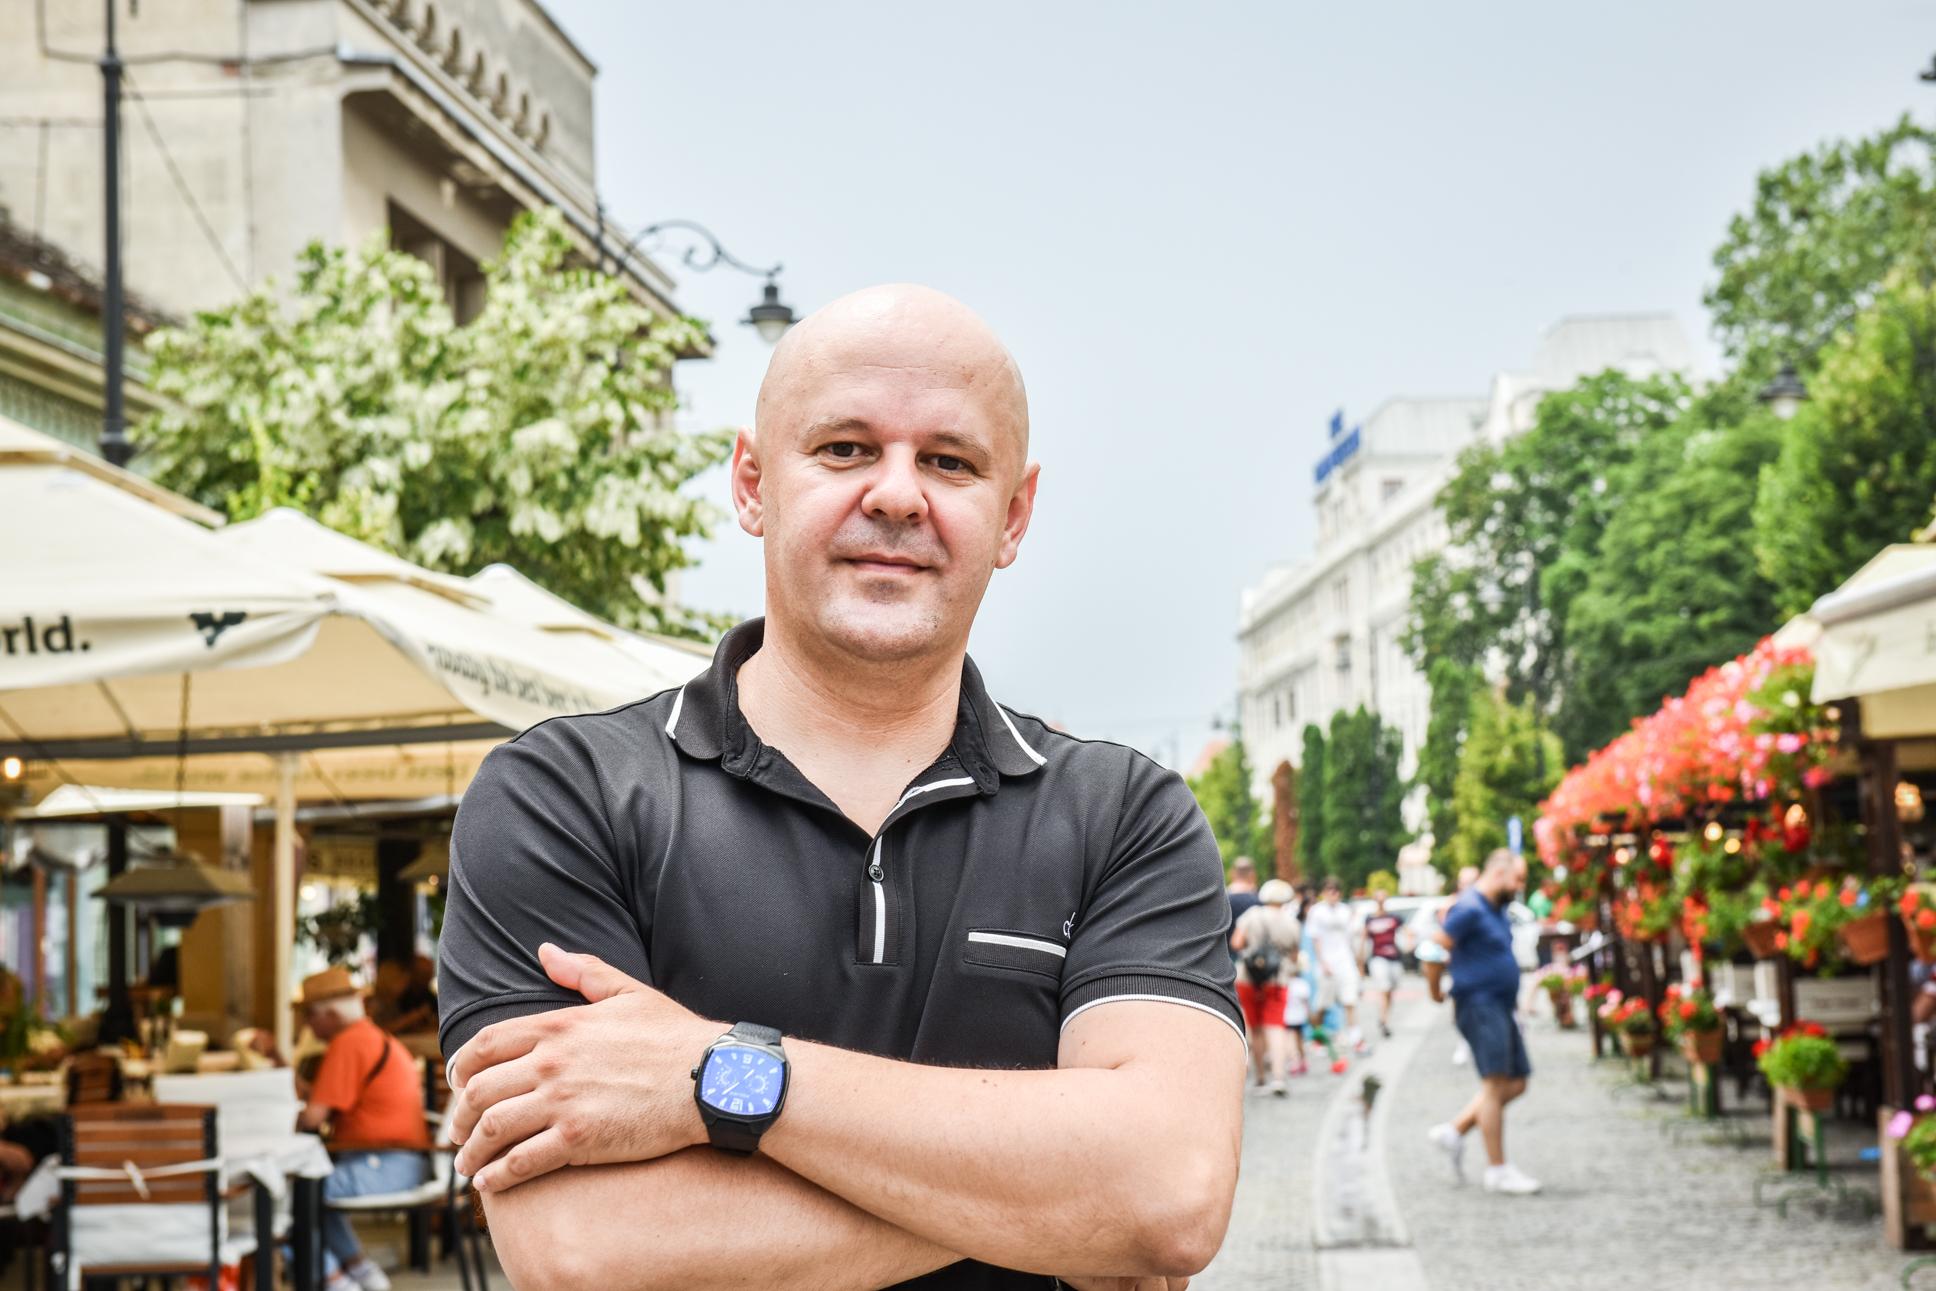 """Cel mai popular polițist din Sibiu: """"Știți cum e Poliția văzută? Exact așa cum este întreaga societate"""""""